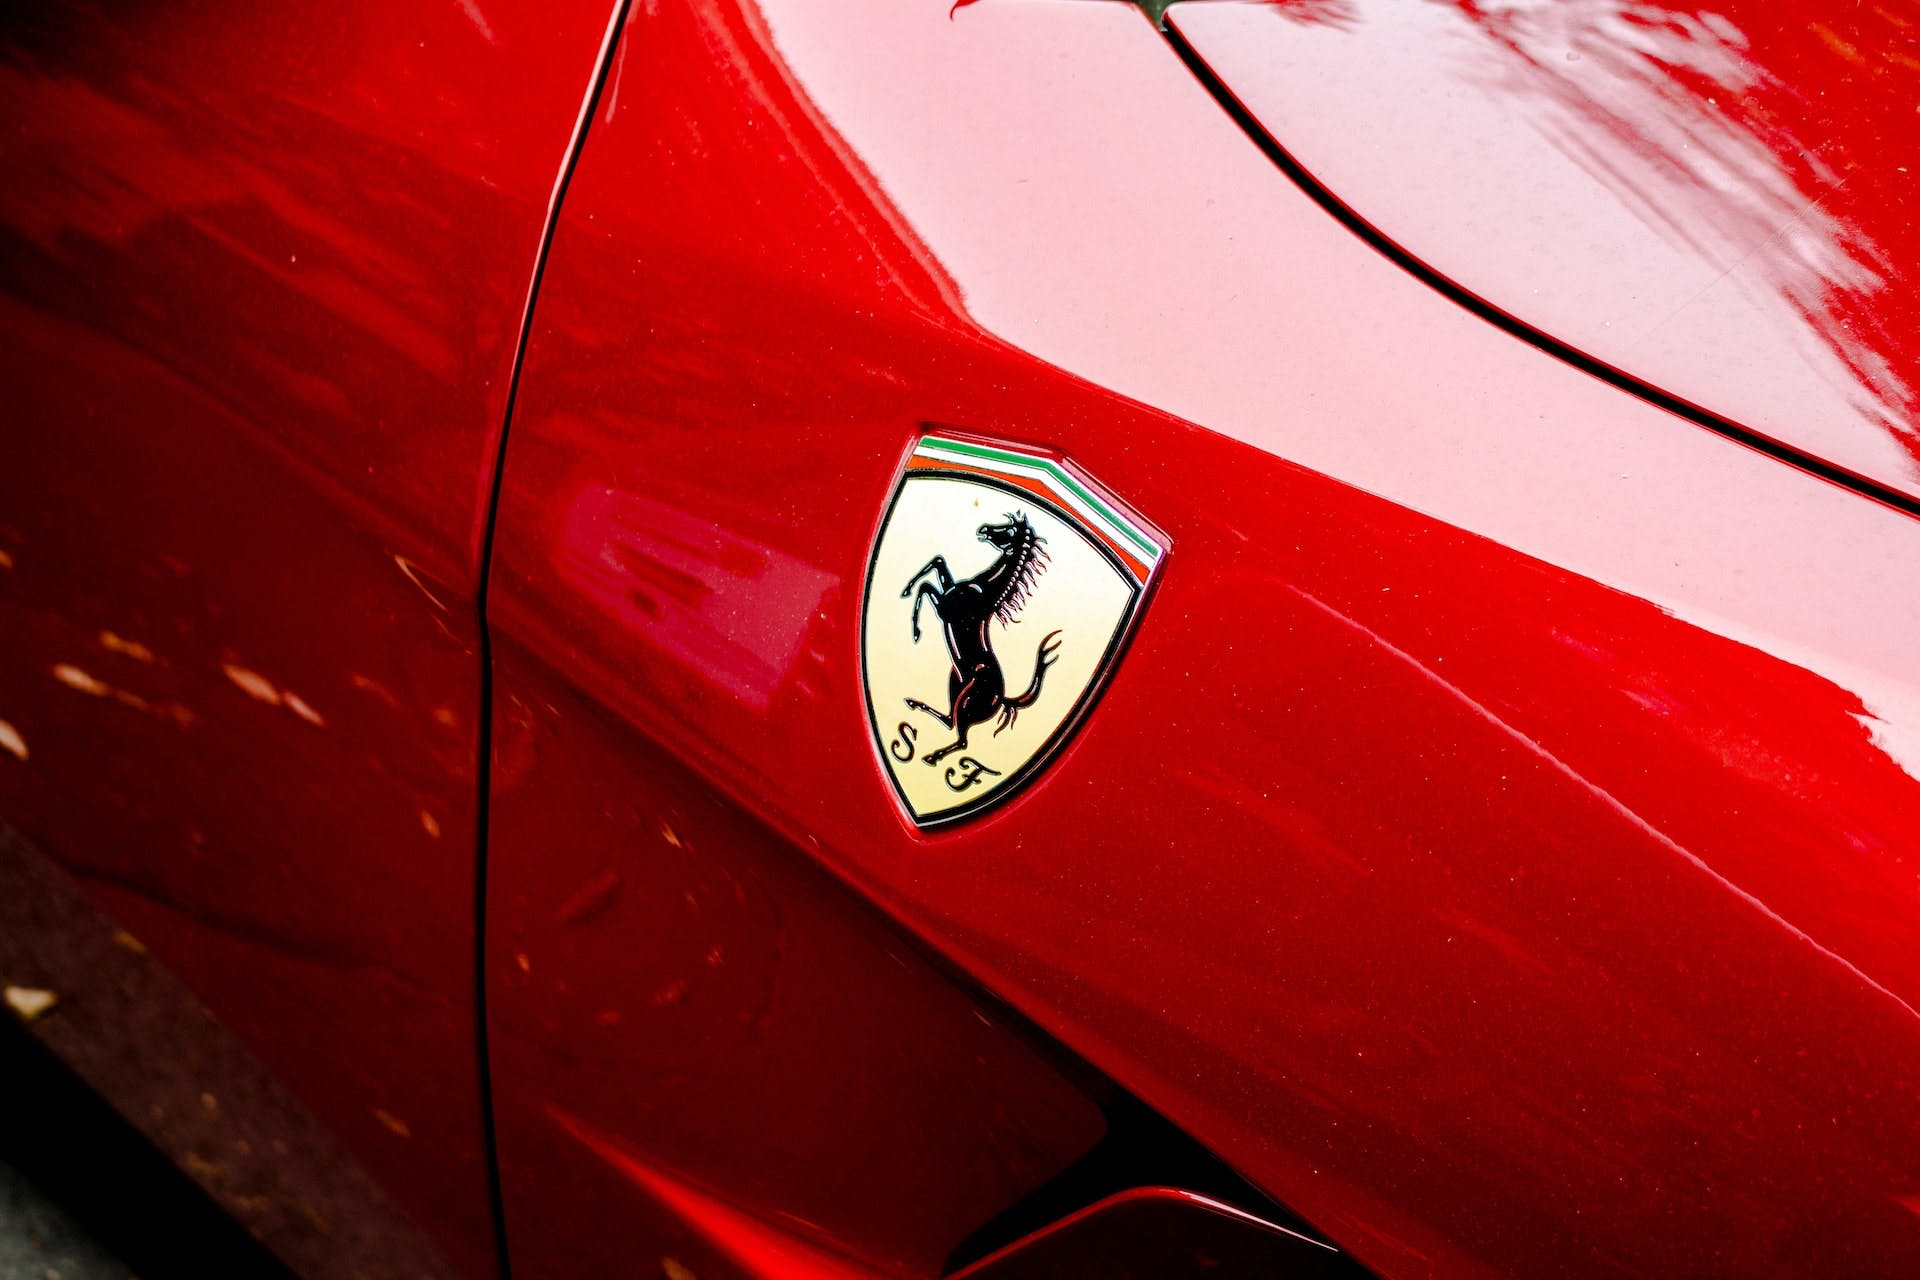 Particolare logo Ferrari